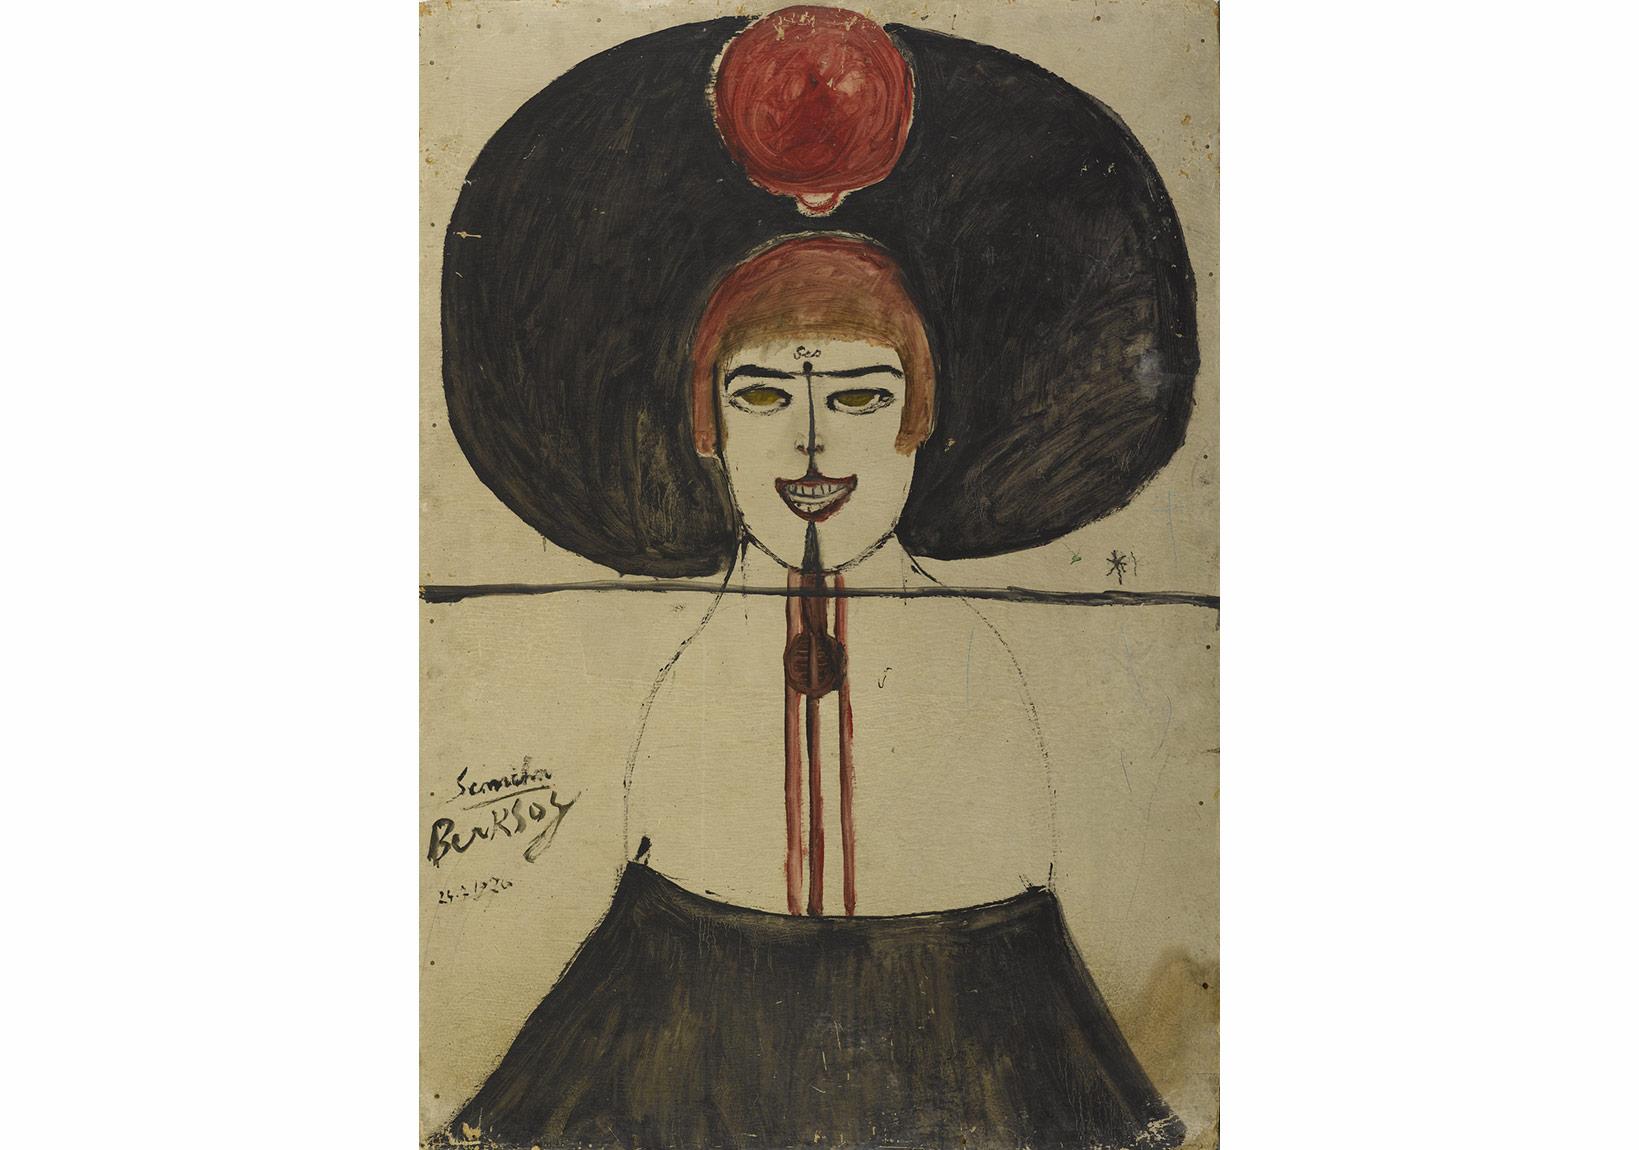 Semiha-Berksoy, Ses, duralit üzerine yağlıboya, 100x70 cm, 1970